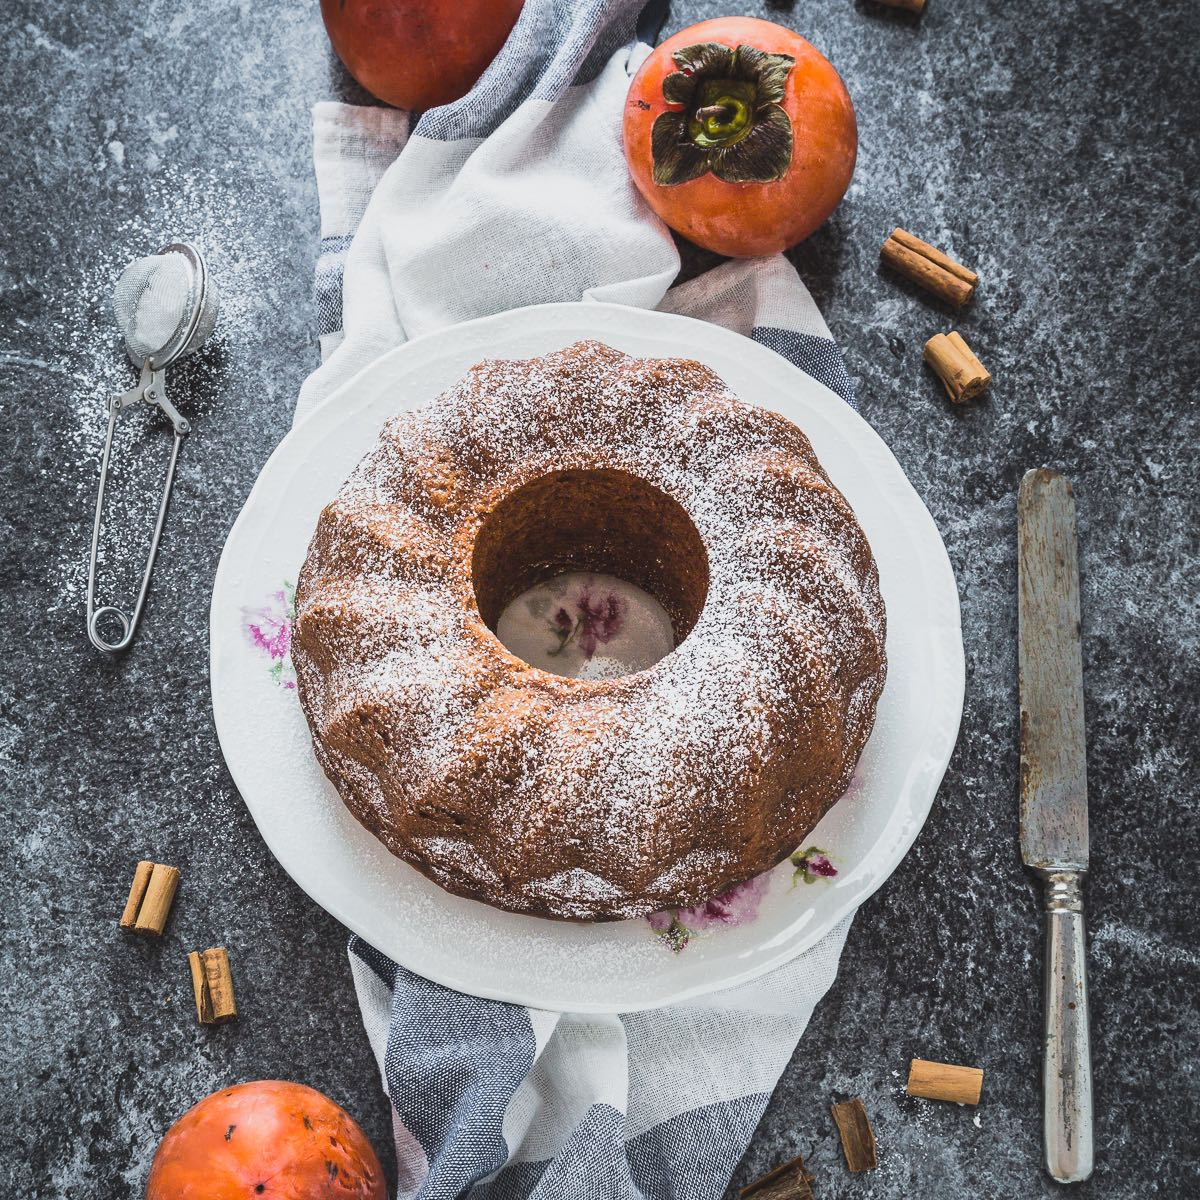 Torta ai cachi speziata - Persimmon spice cake